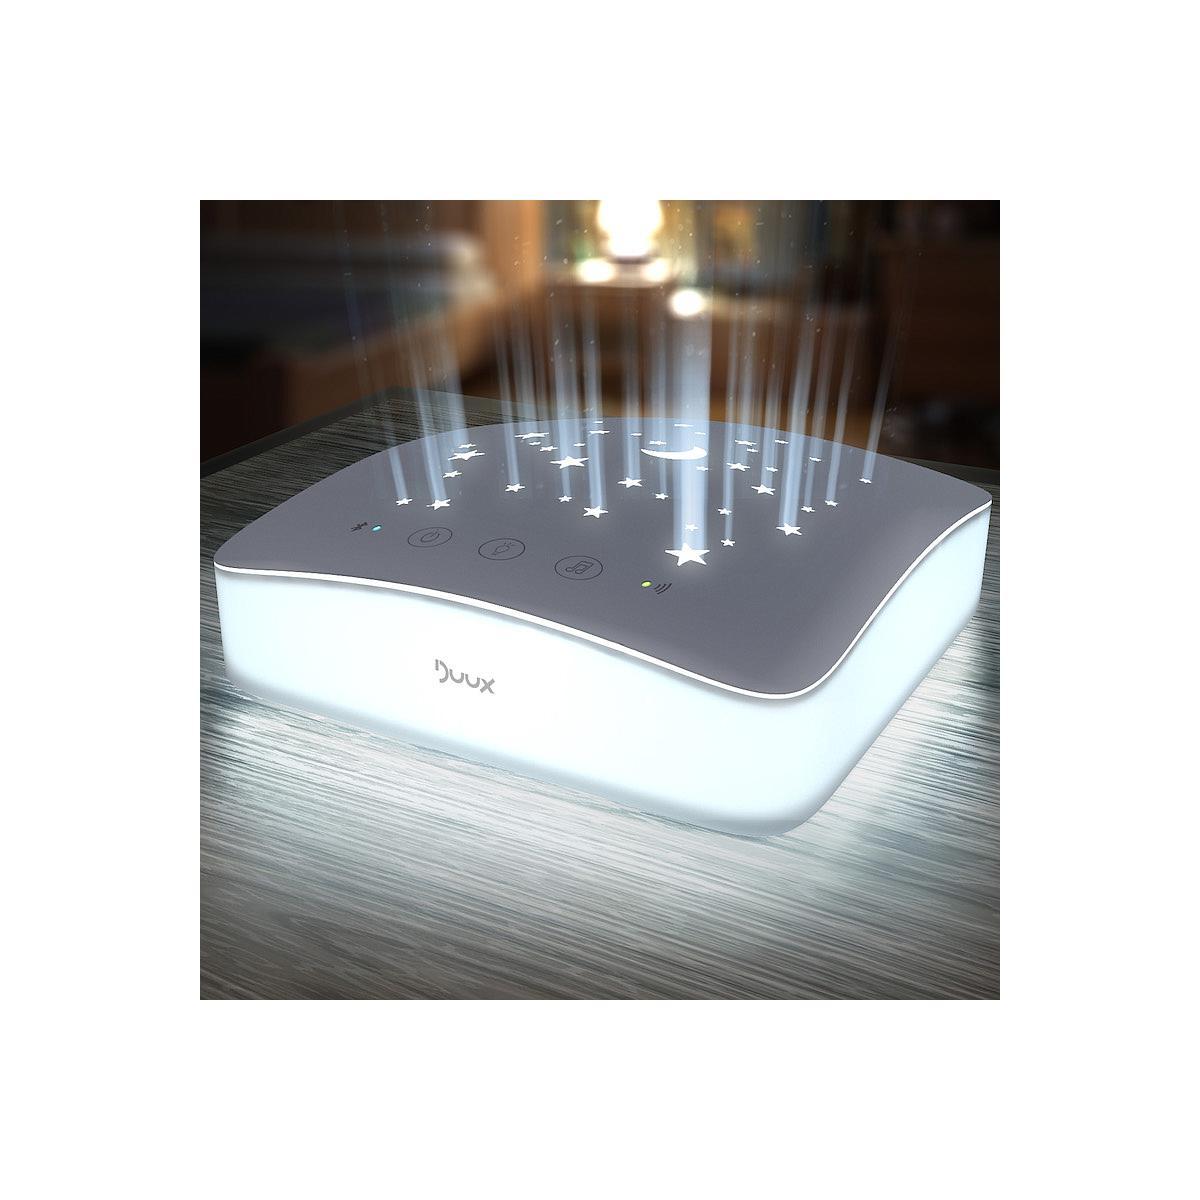 Projecteur-veilleuse Bluetooth Duux